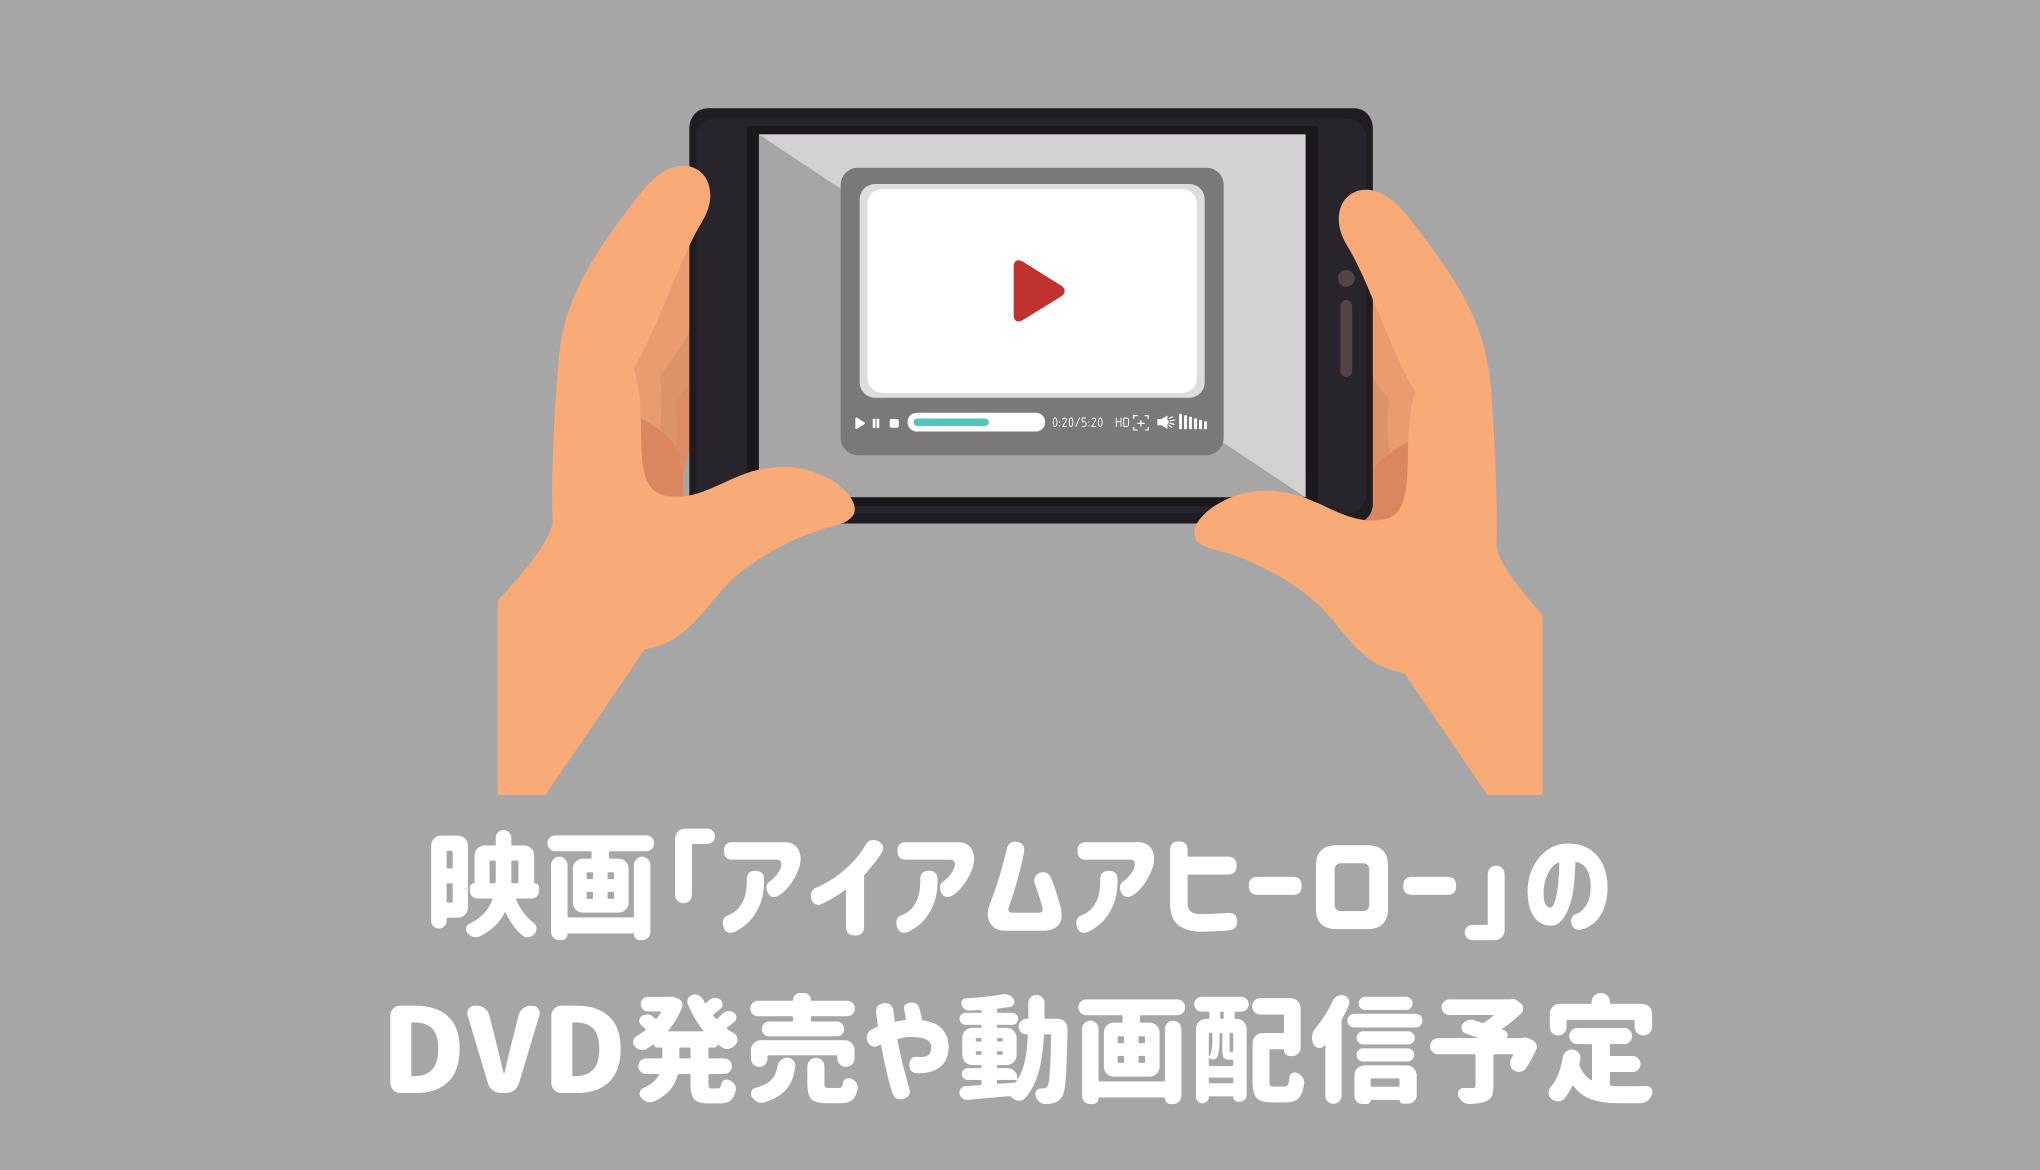 映画「アイアムアヒーロー」のDVD発売や動画配信予定